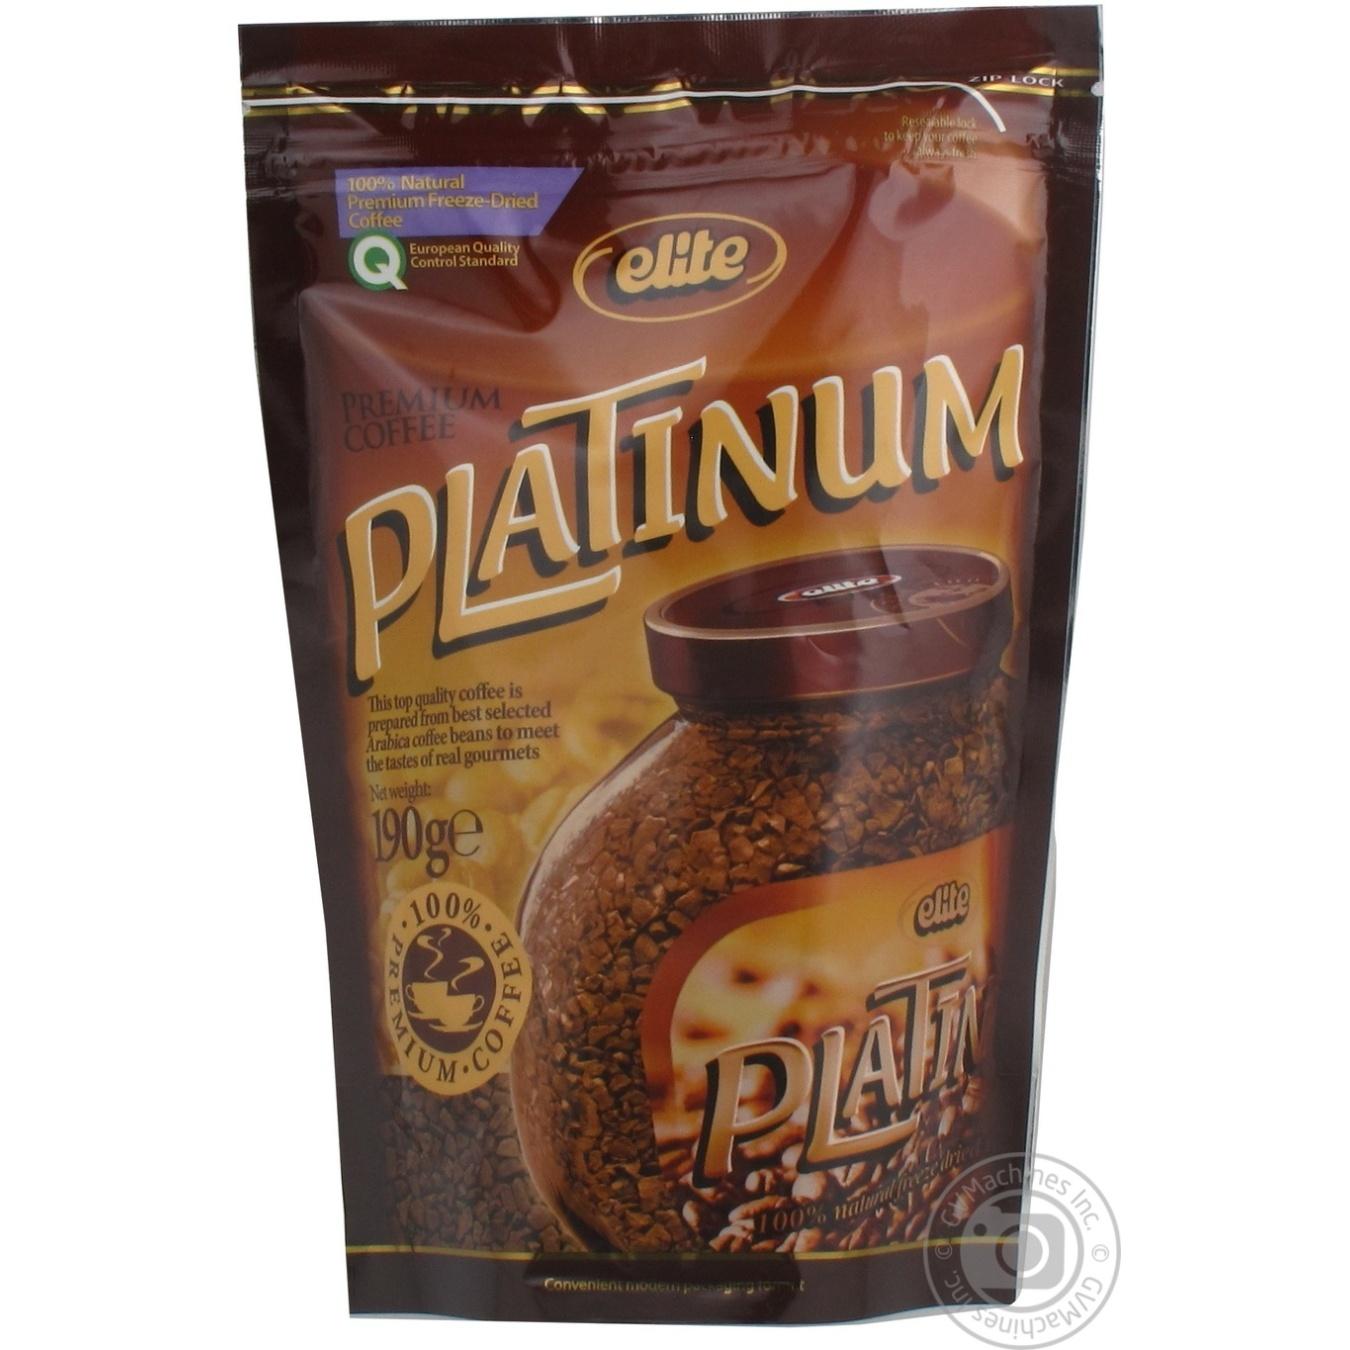 Natural instant sublimated coffee Elite Platinum 190g Russia